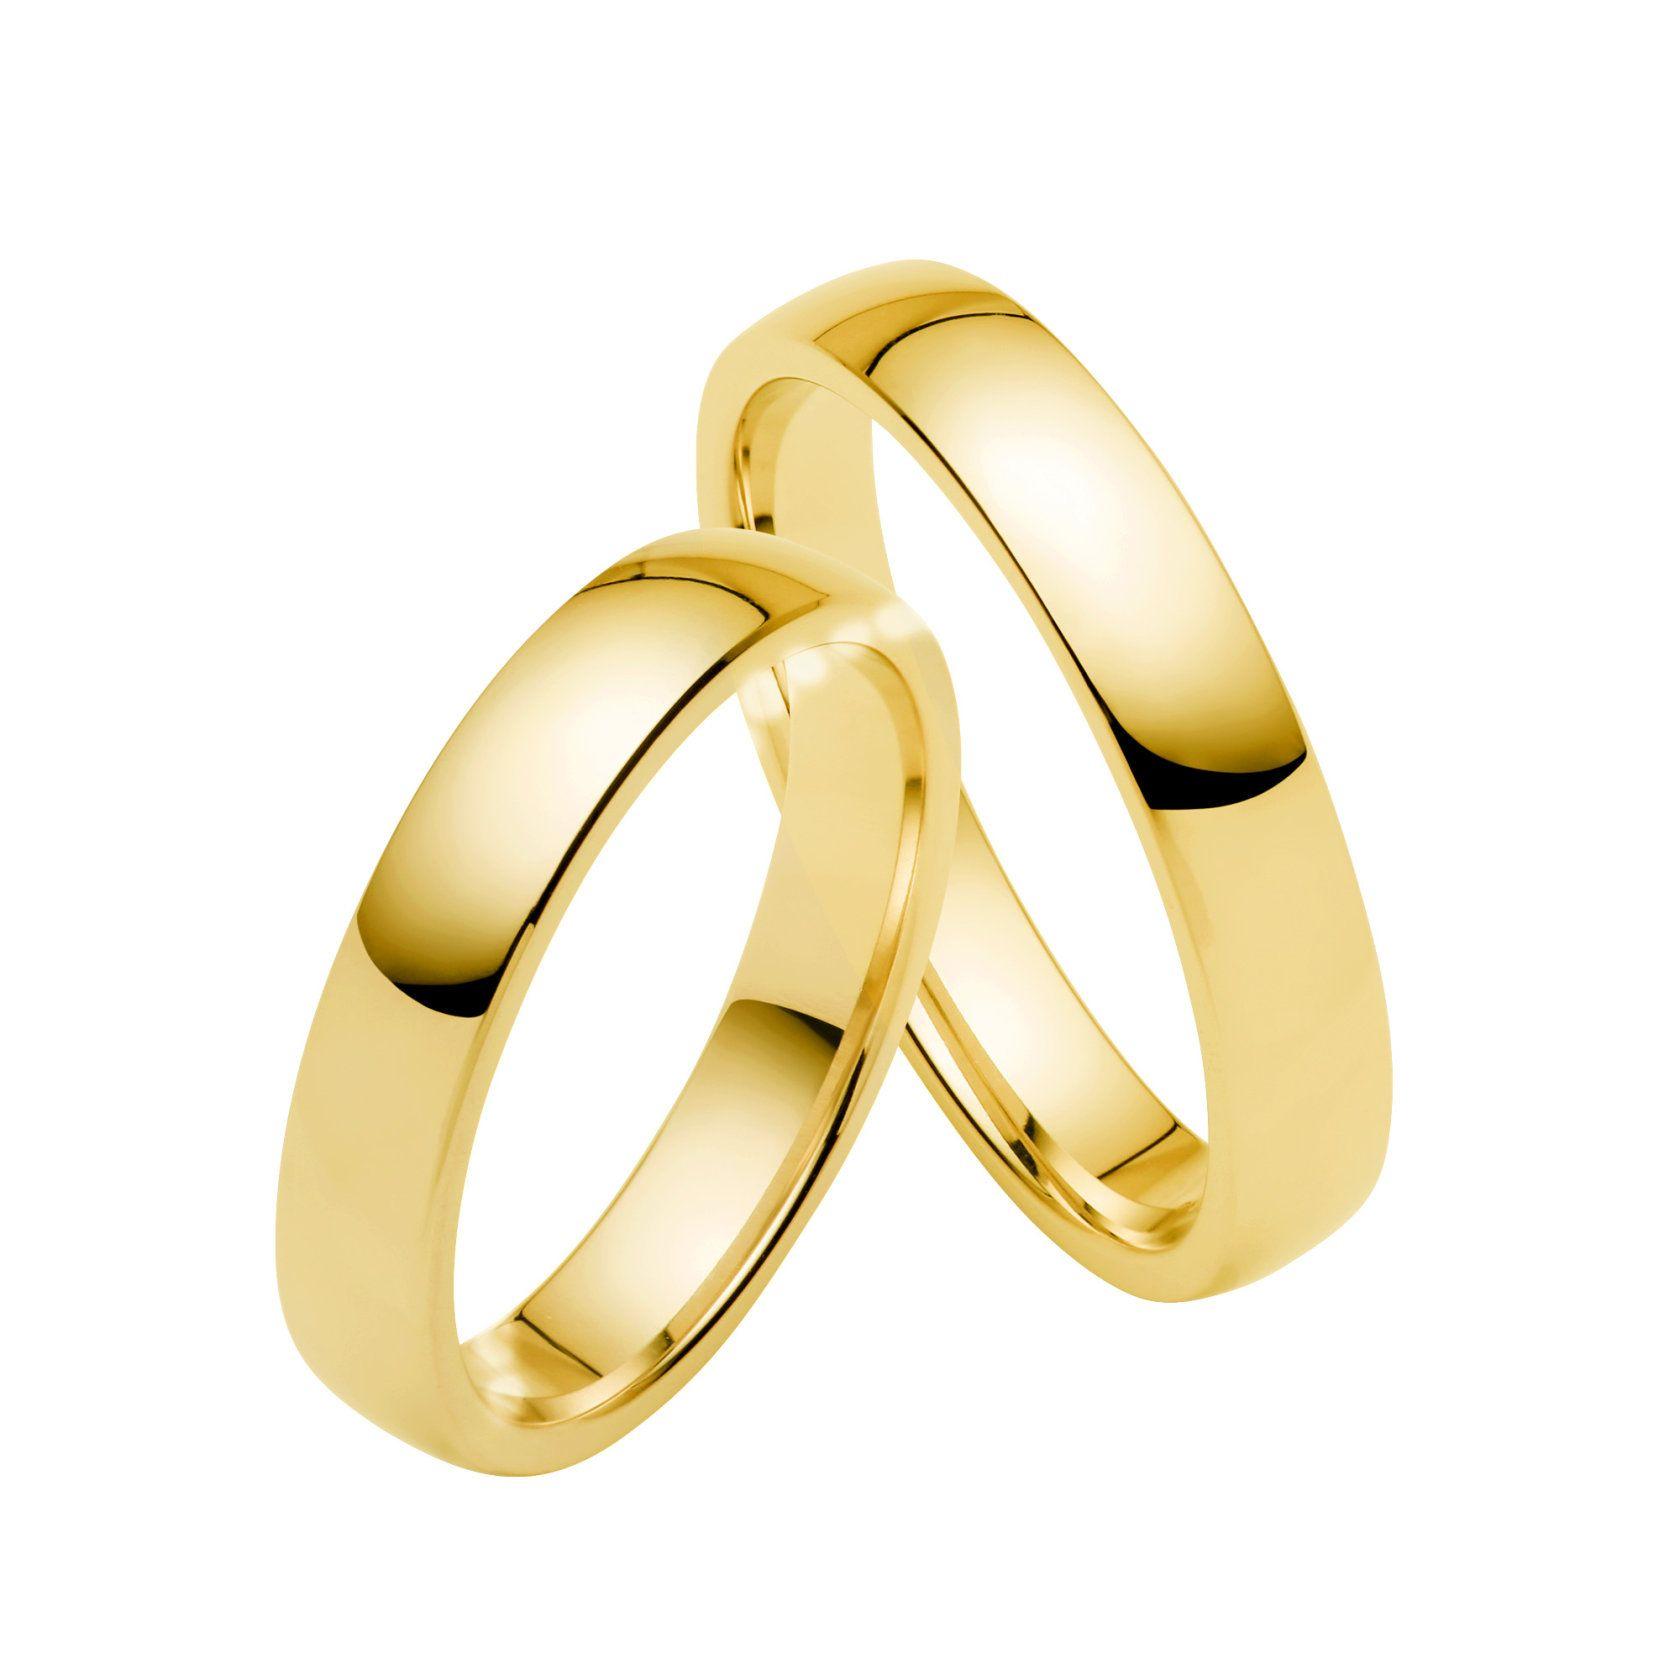 Juwelier Kraemer Trauring 4/ - Gold – 4 mm  Juwelier Kraemer